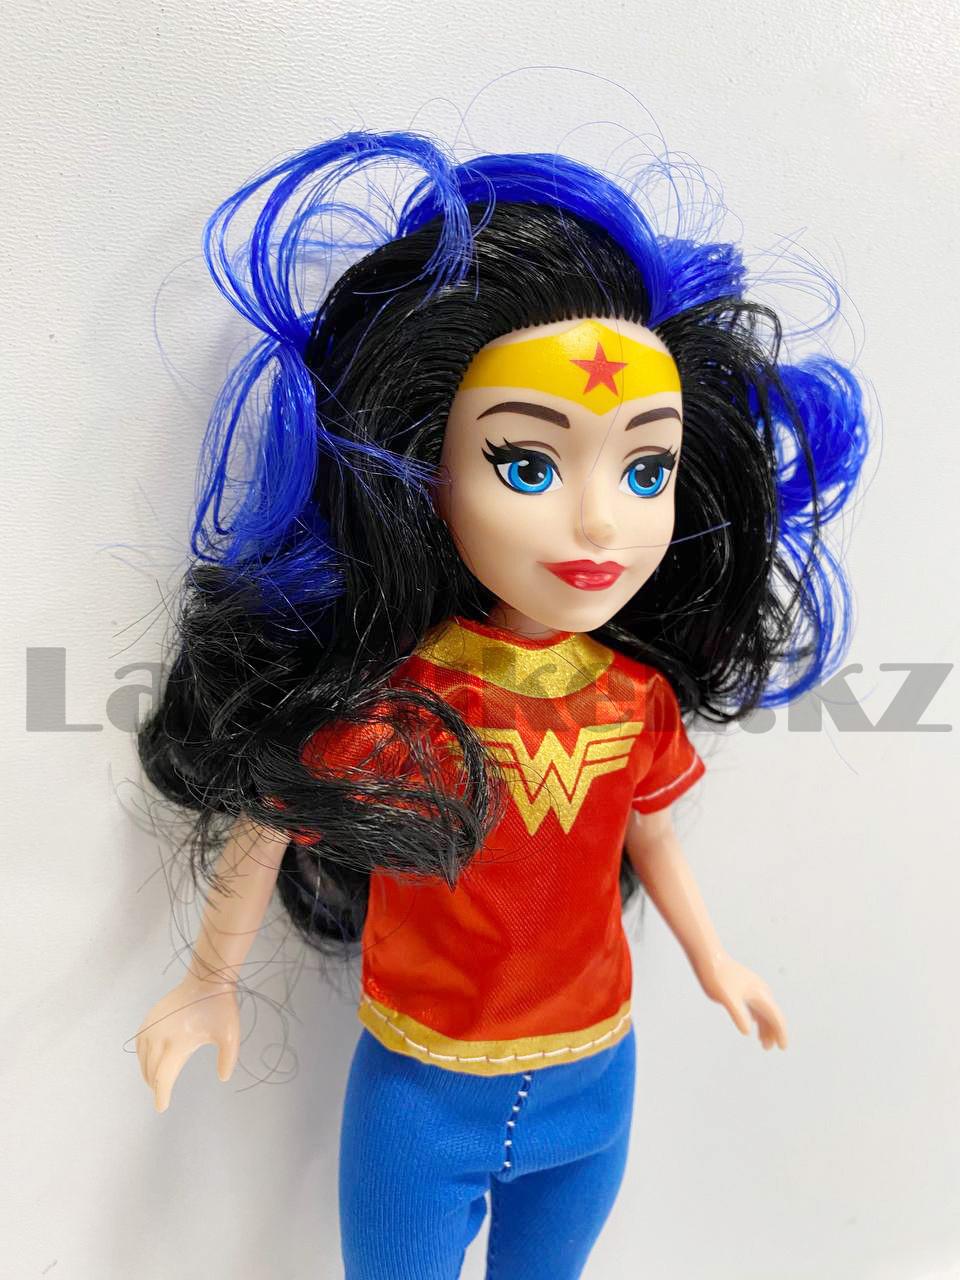 Кукла игрушечная детская Супер женщина Wonder women в костюмчике 24 см - фото 4